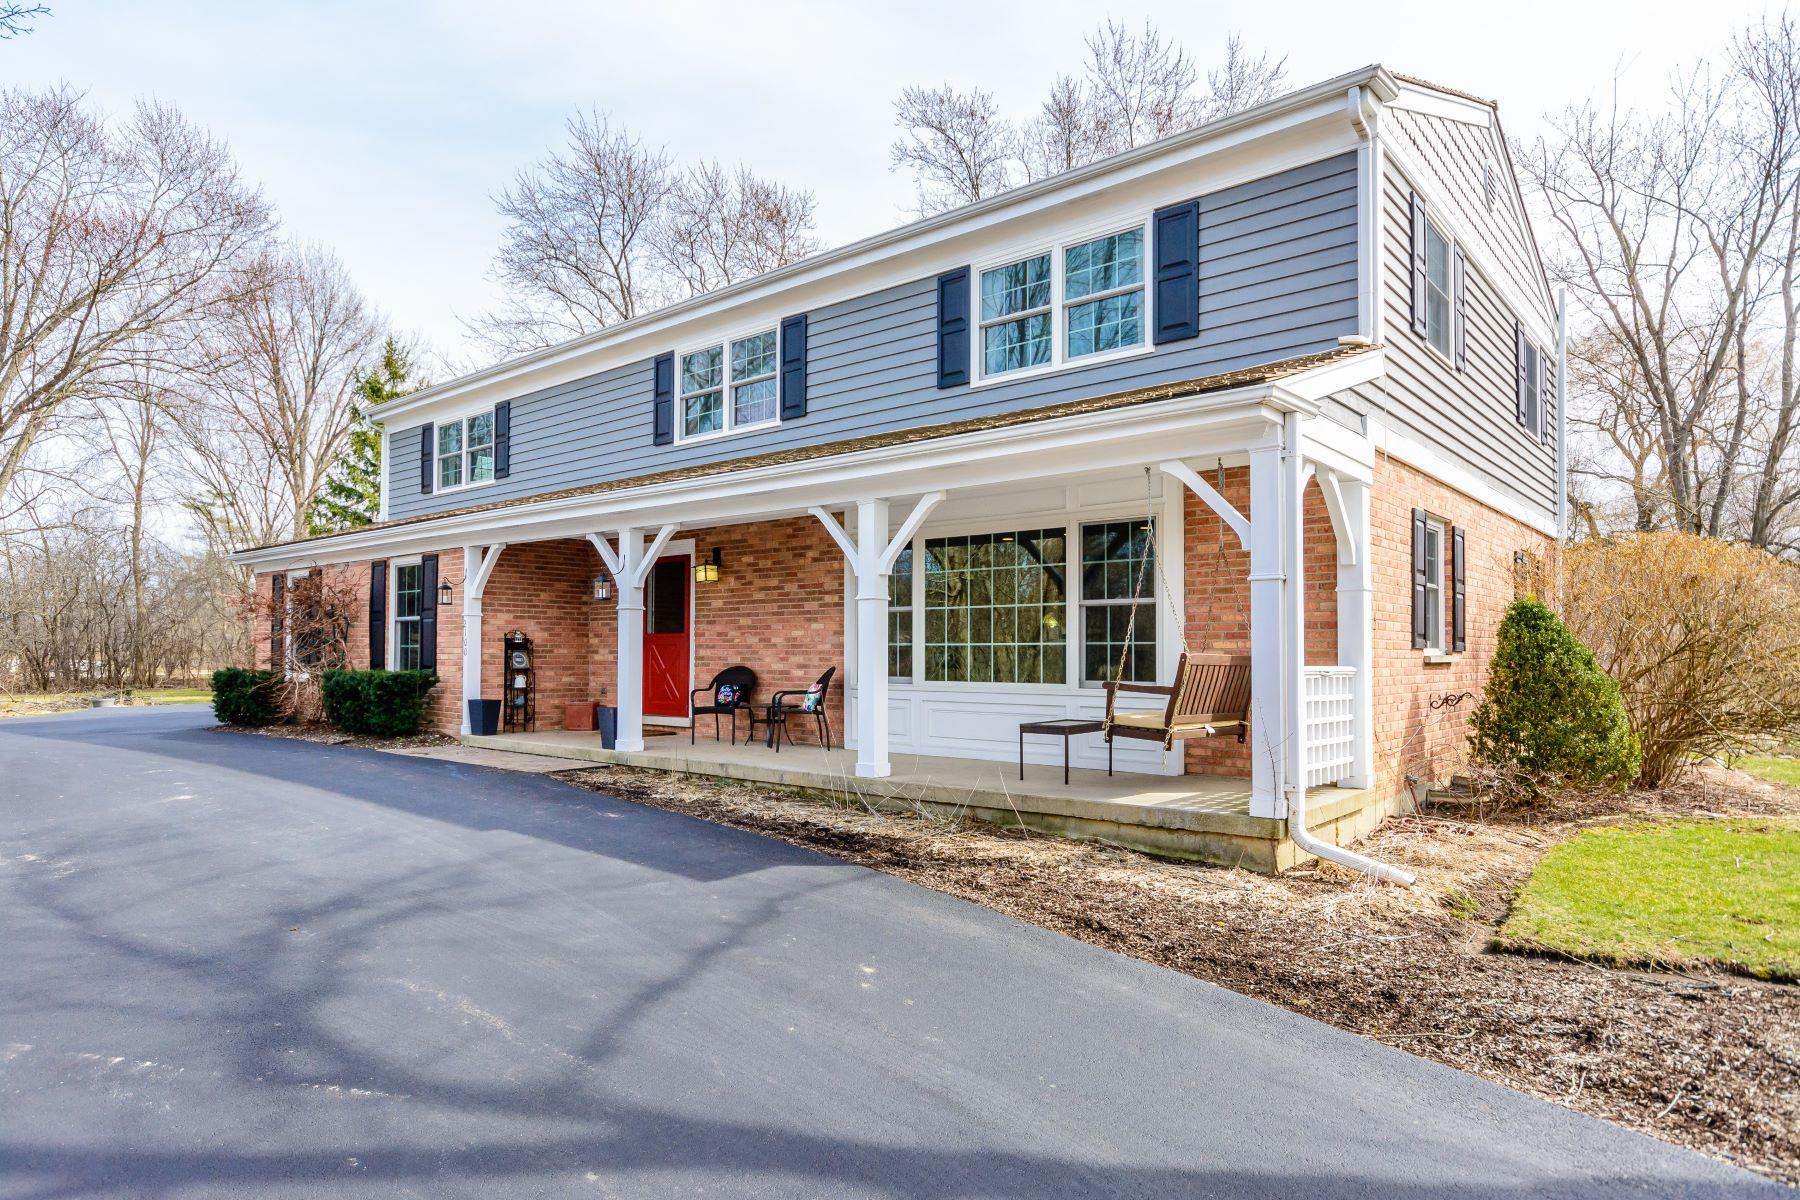 其它住宅 为 销售 在 2100 Stirling Rd. 班诺克本, 伊利诺斯州, 60015 美国